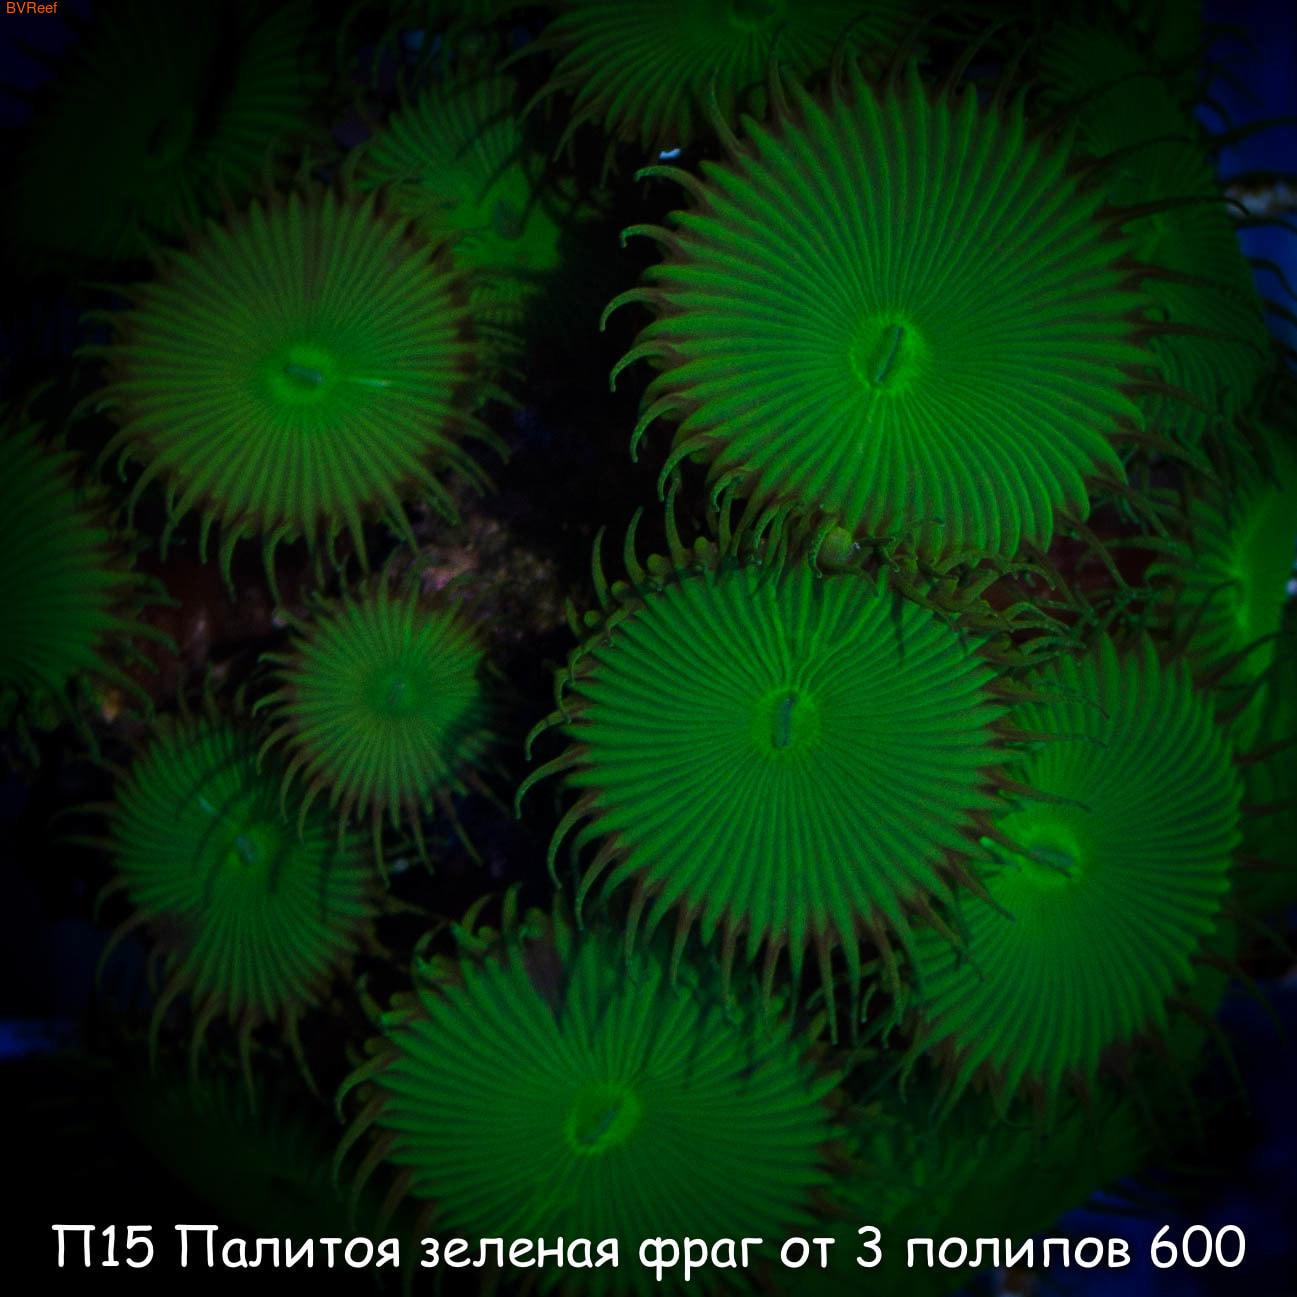 П15 Палитоя зеленая фраг от 3 полипов 600